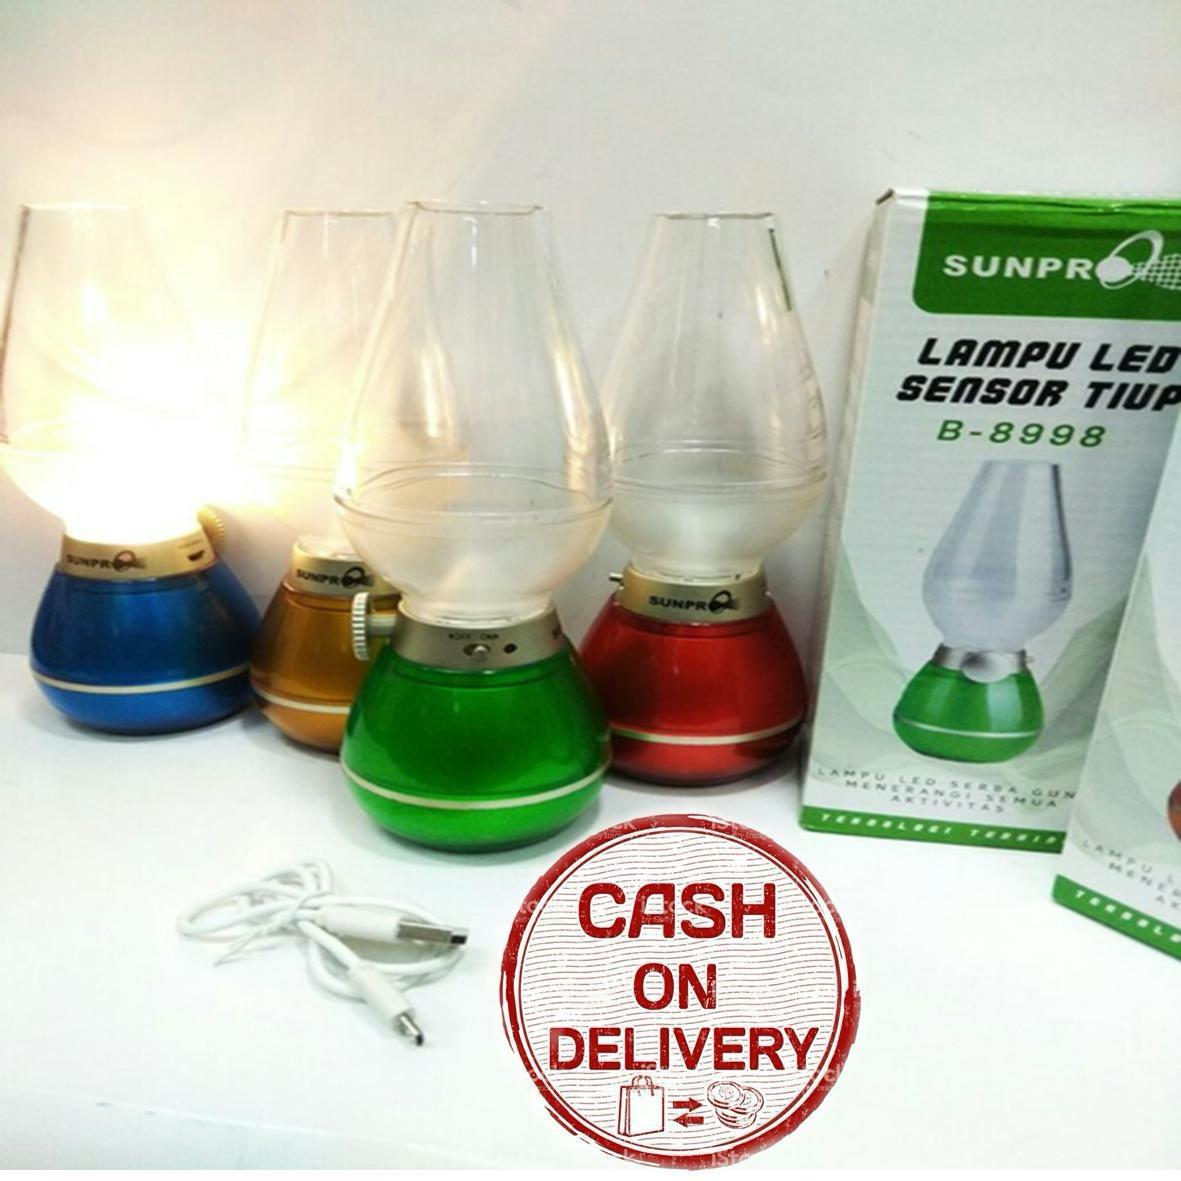 Kado Unik-- Lampu Led Sensor Tiup Sunpro B-8998 / Lampu Led Sensor